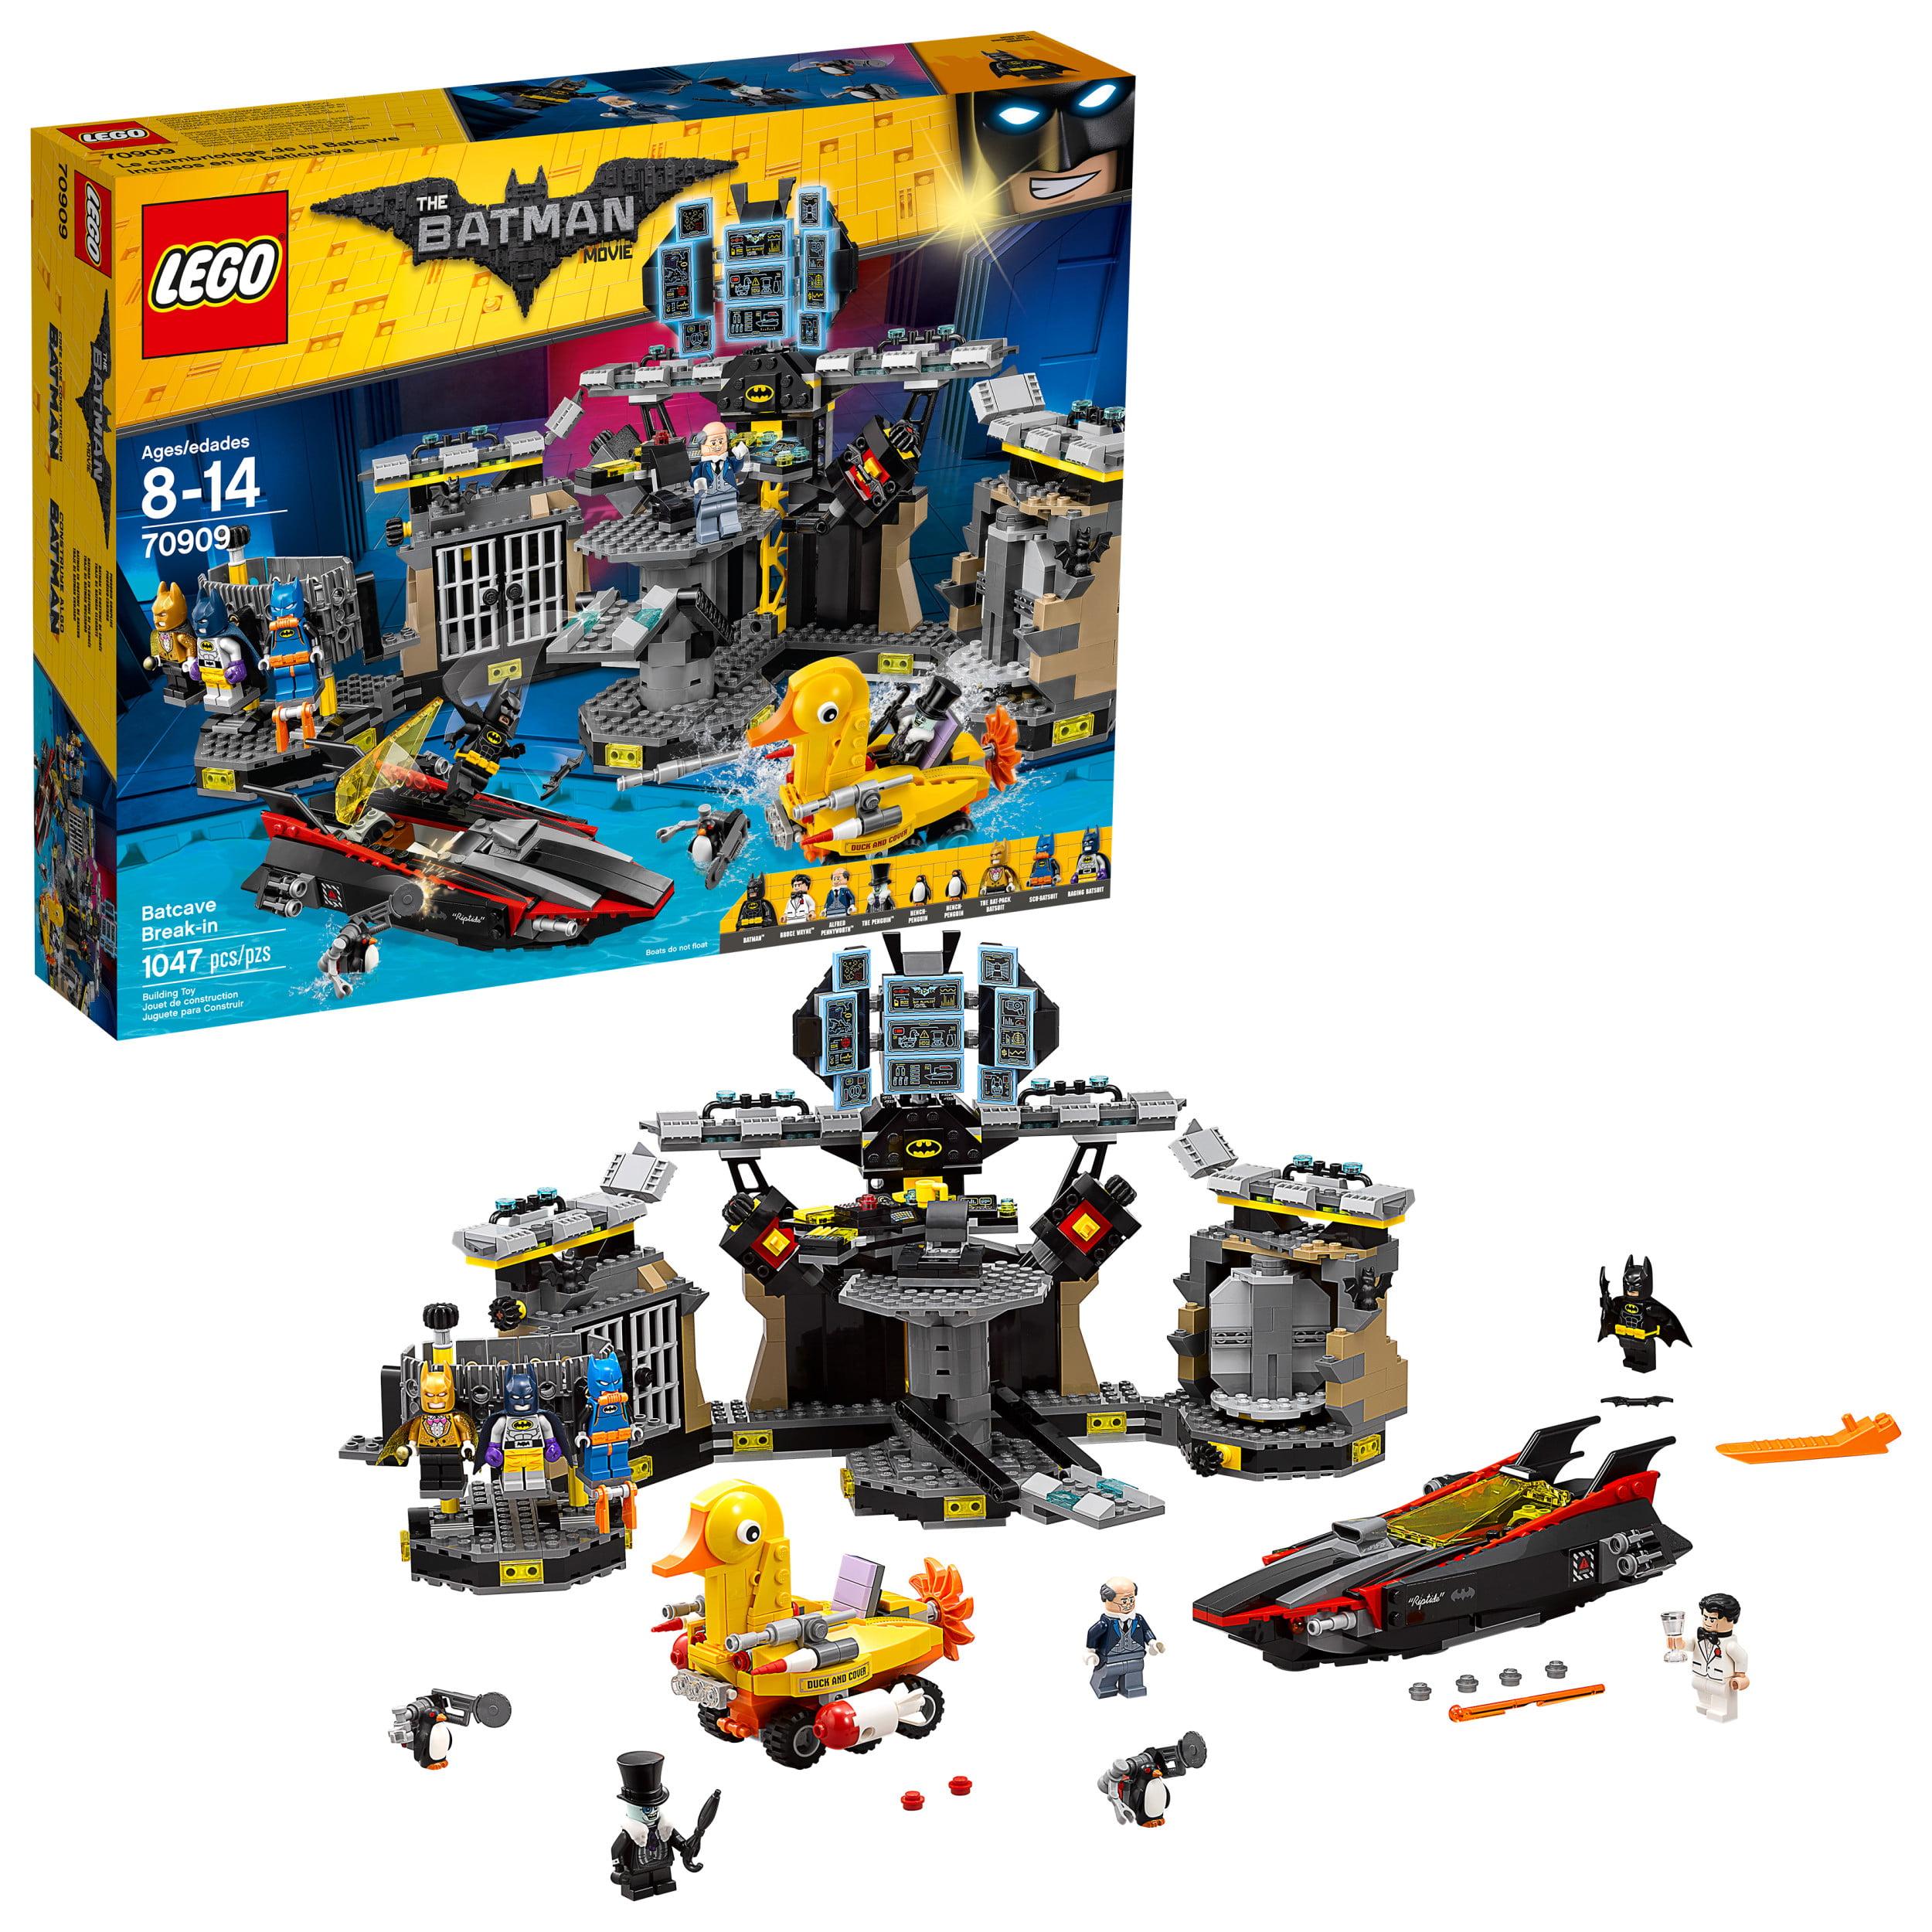 Lego Batman Movie Batcave Break-in 70909 by LEGO System Inc